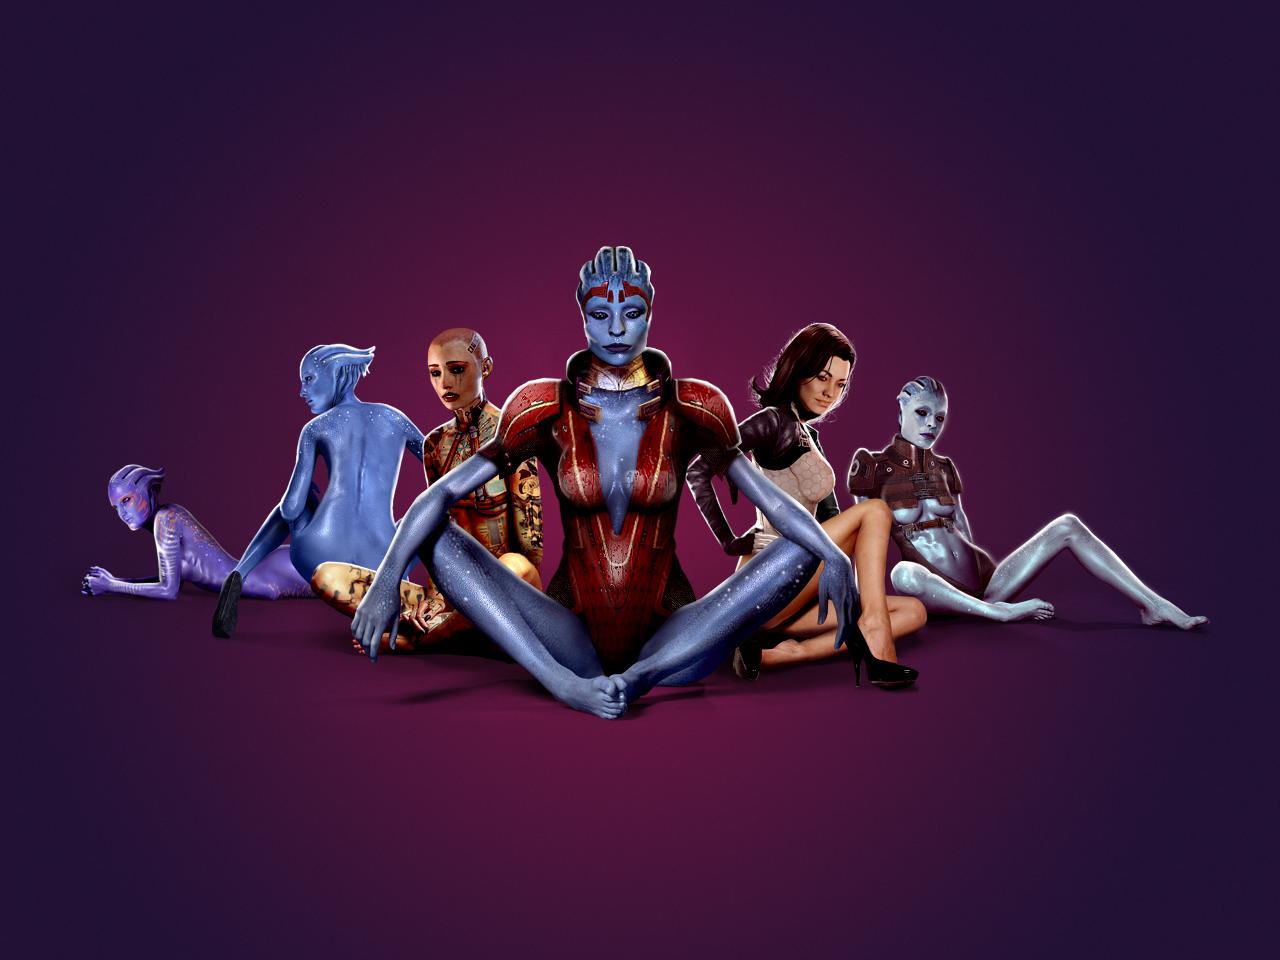 u hook up met Samara in Mass Effect 2 wereldwijde matchmaking services